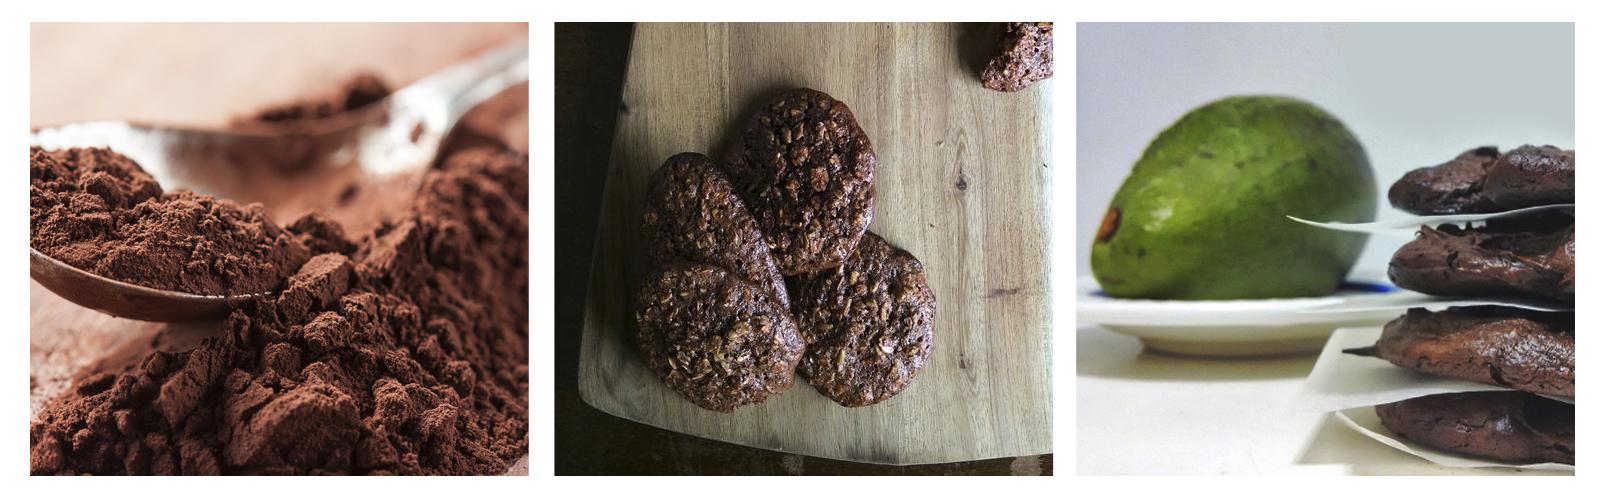 Galletas de cacao 100% saludables